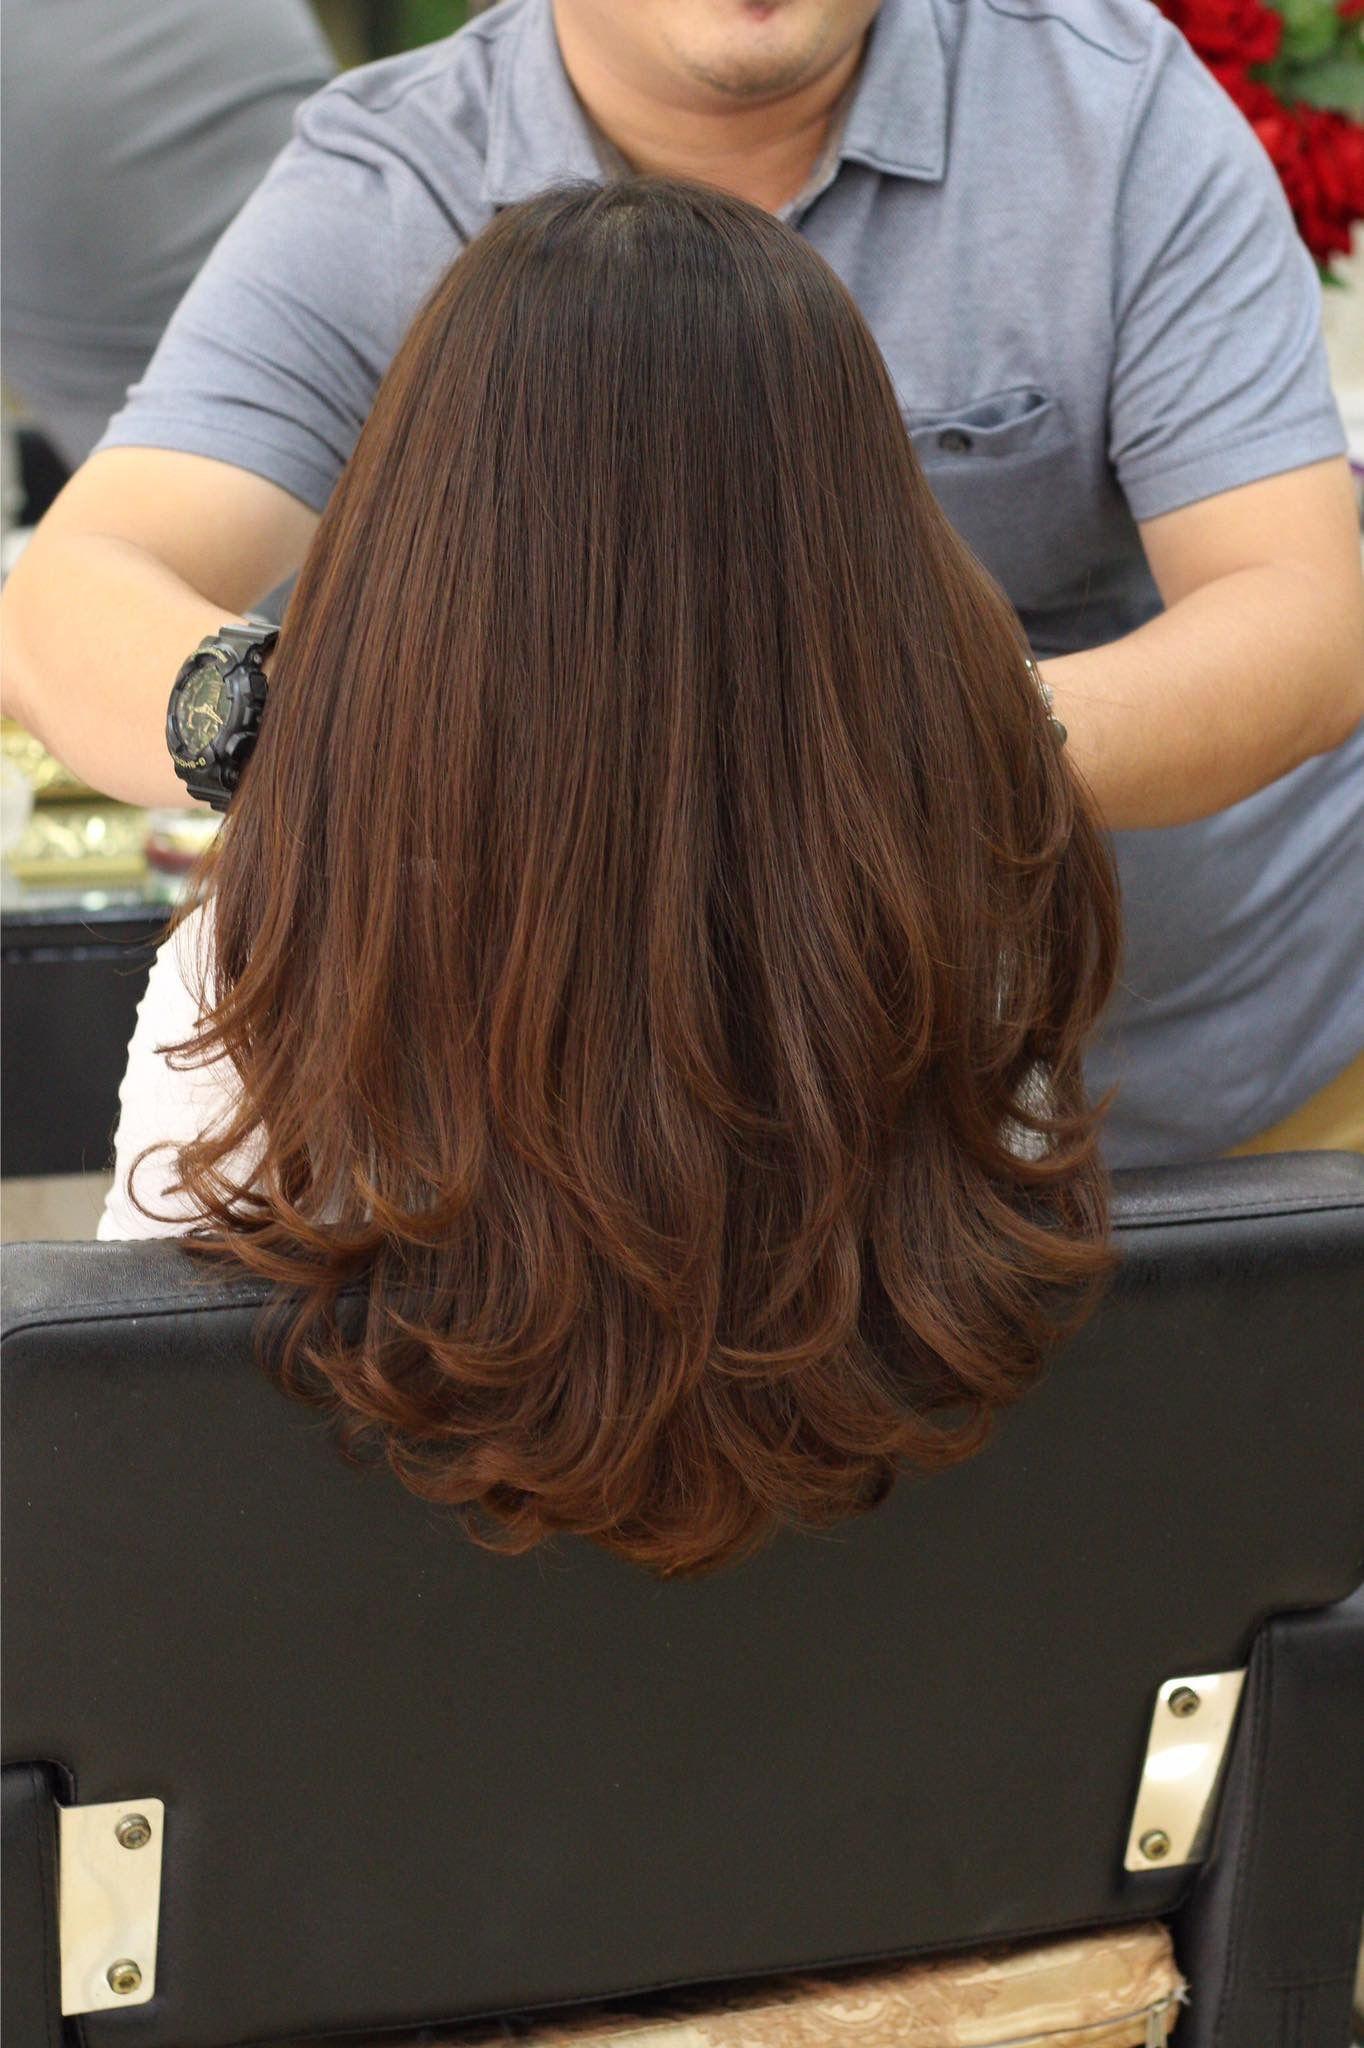 Cabelo Q Eu Quero Hair Styles Haircuts For Medium Hair Medium Hair Styles